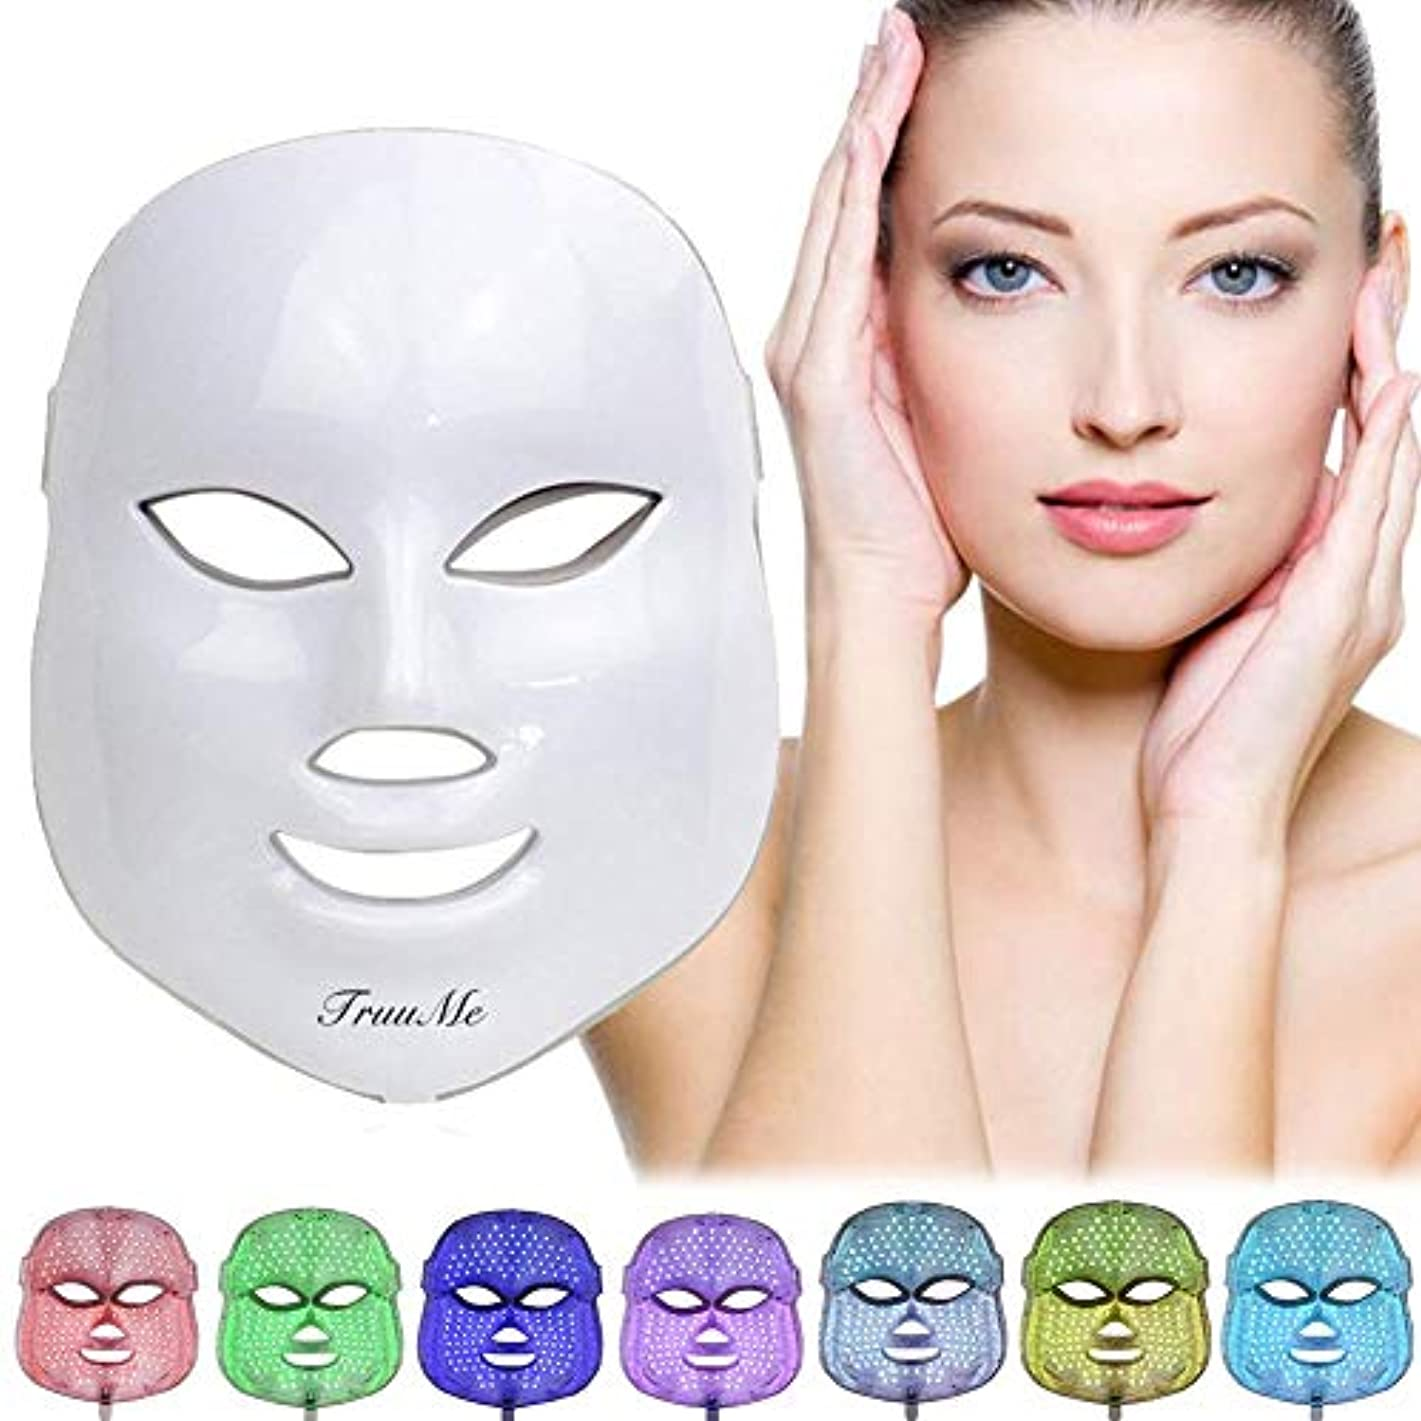 くるみホイップハンドブックLEDフェイスマスク、ライトセラピーニキビマスク、LEDフェイシャルマスク、光線療法マスク、LEDエレクトリックフェイシャルマスク、7色光治療、ニキビ治療用マスク、斑点、にきび、皮膚のシミ